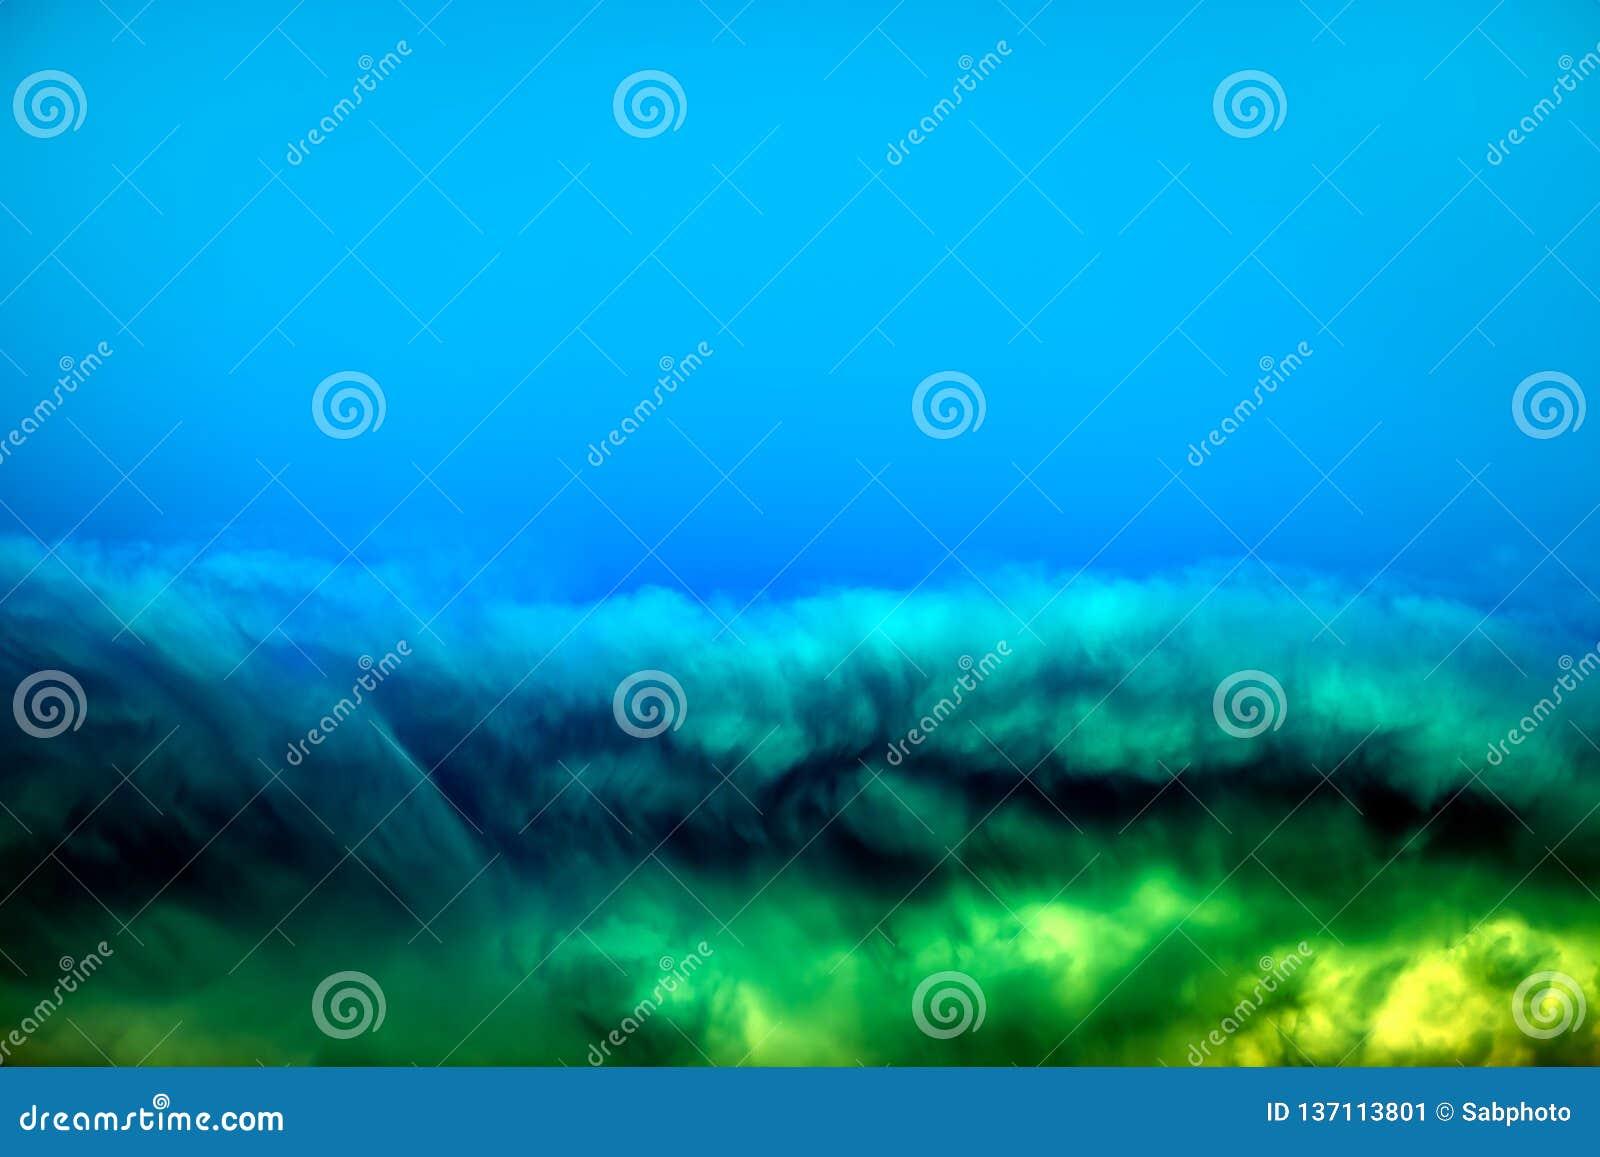 Slib onder Water